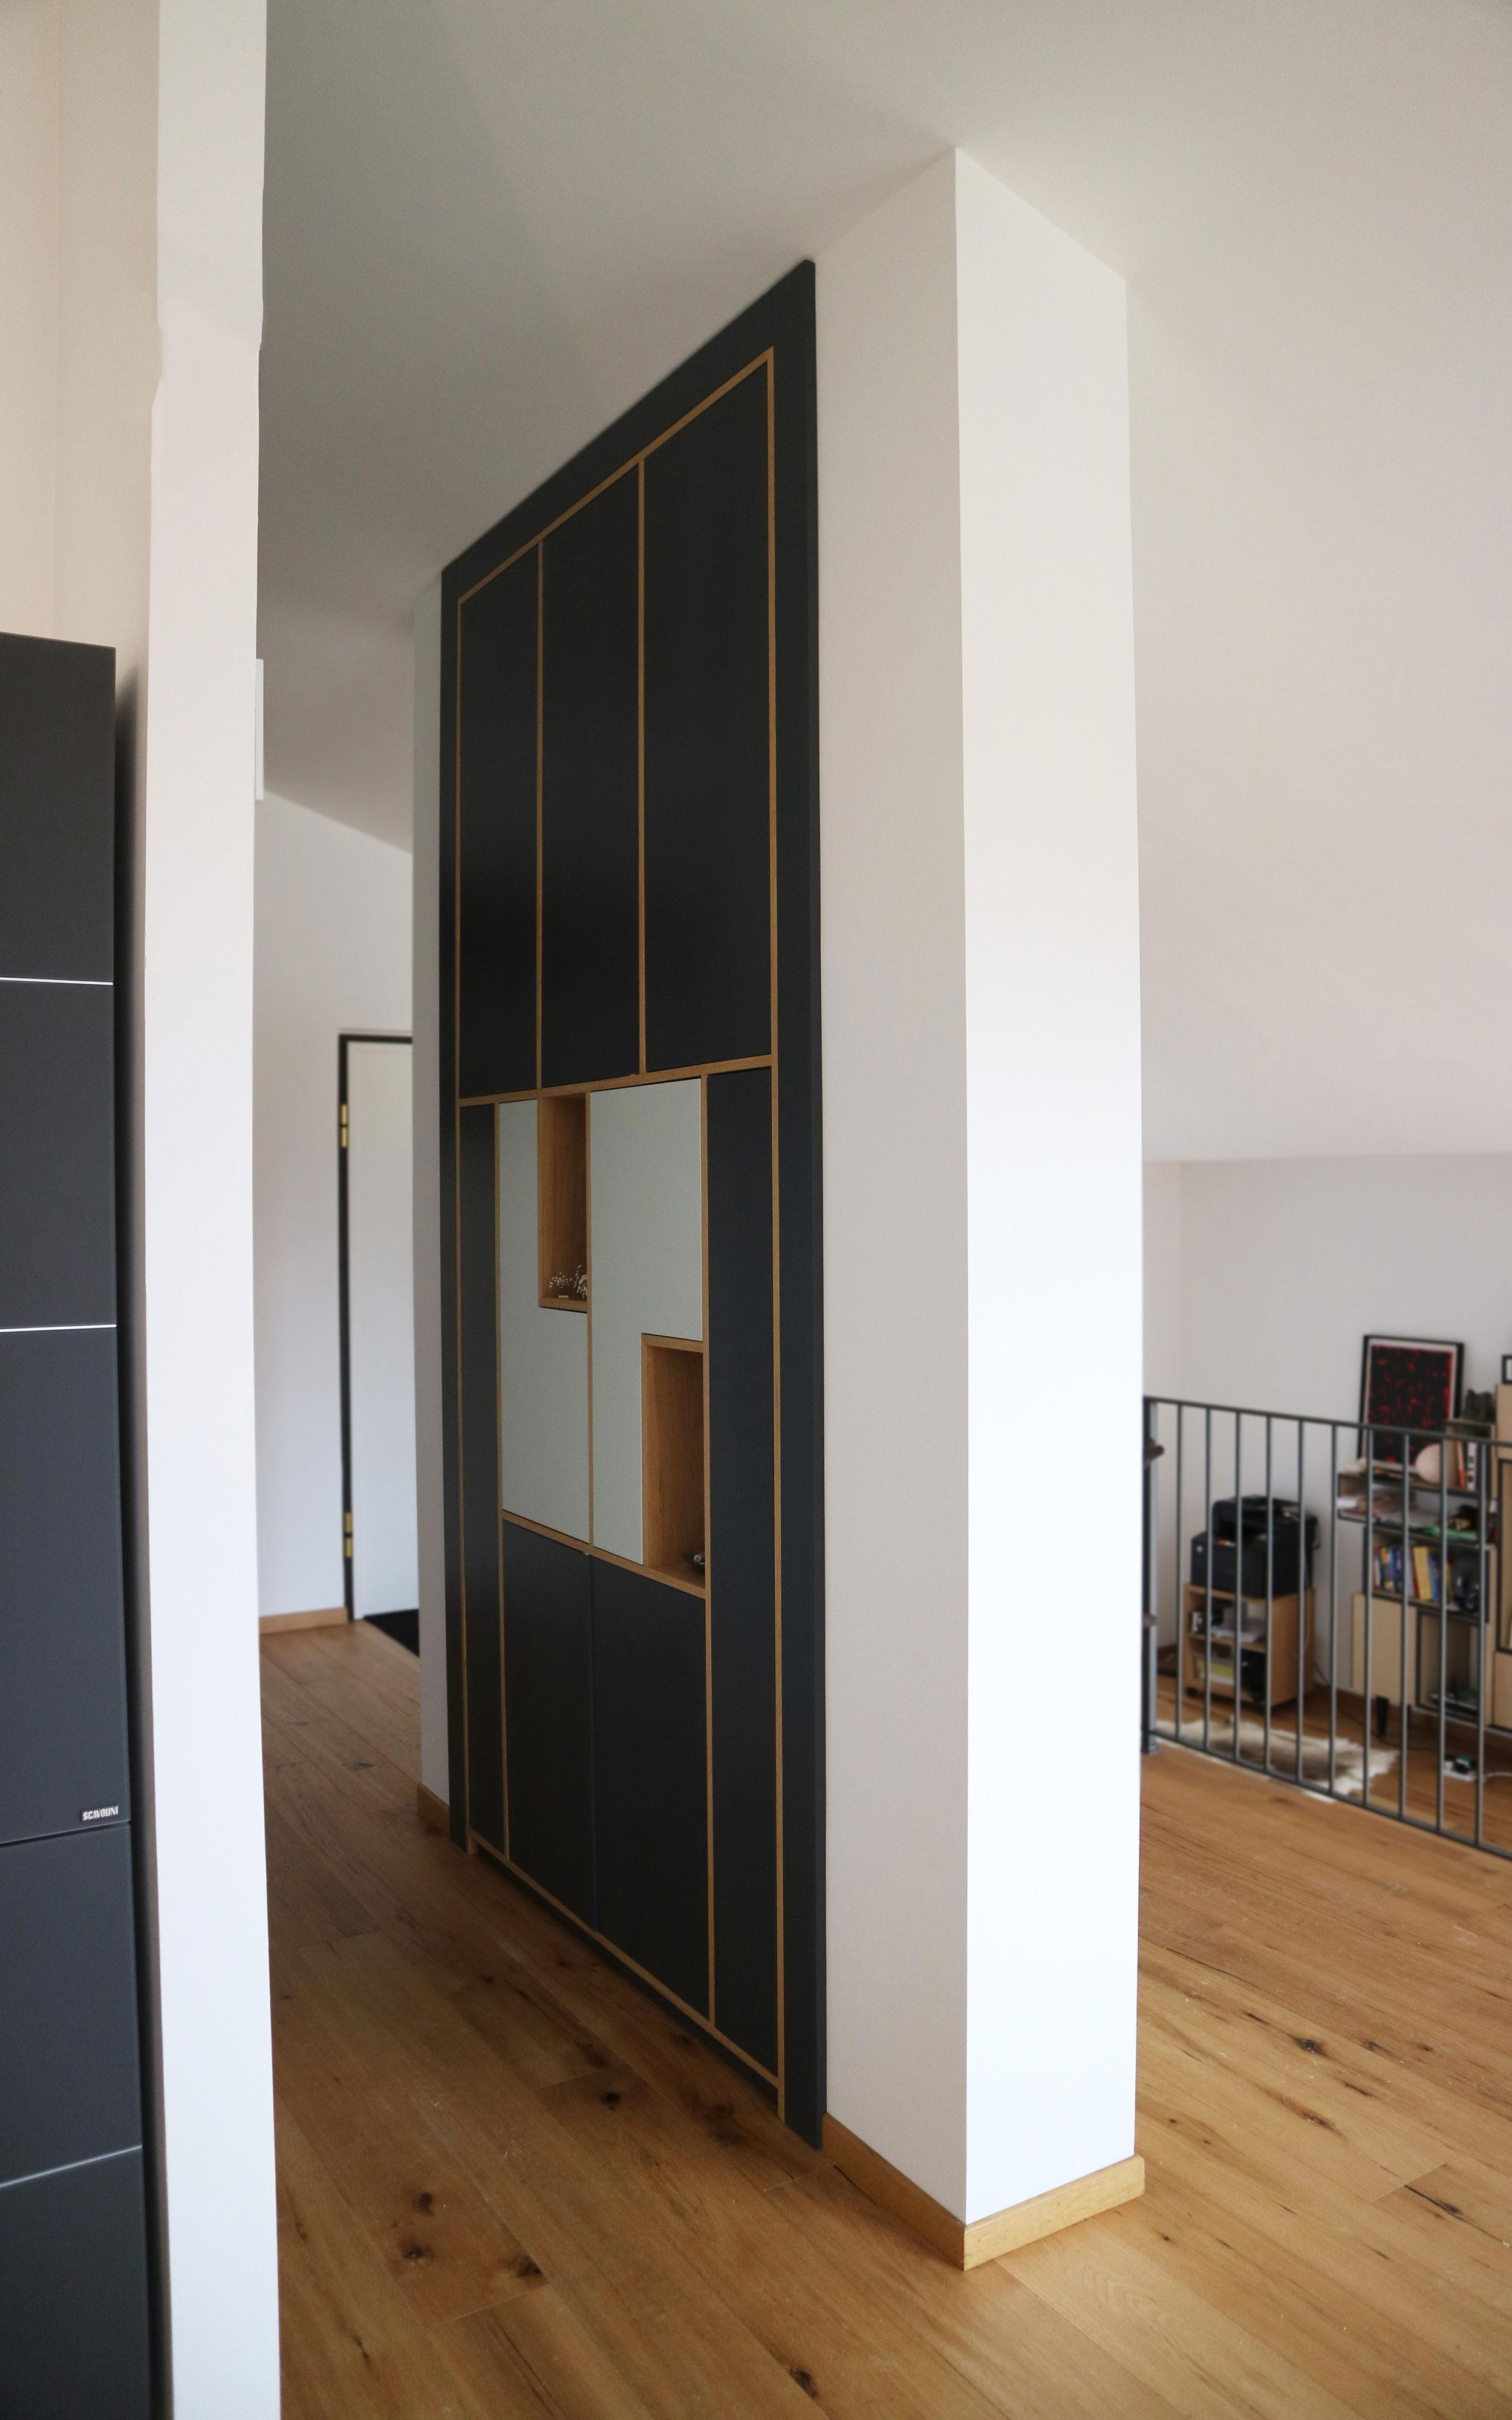 Armadio A Muro Design.Armadio A Muro Studio Di Progettazione E Interior Design Torino